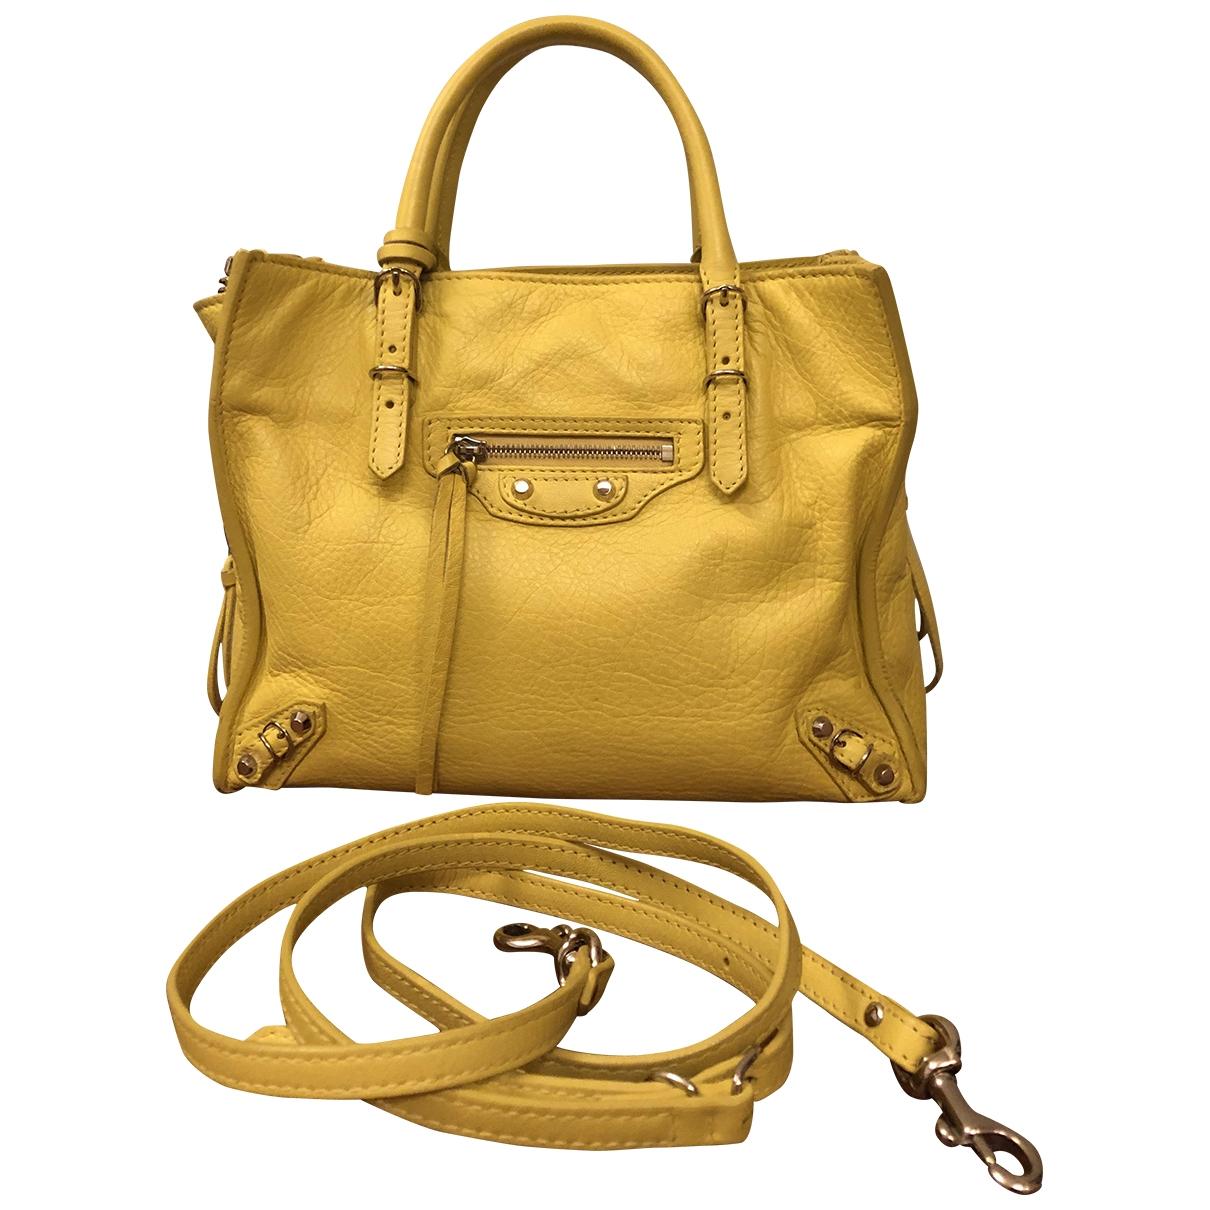 Balenciaga - Sac a main Papier pour femme en cuir - jaune